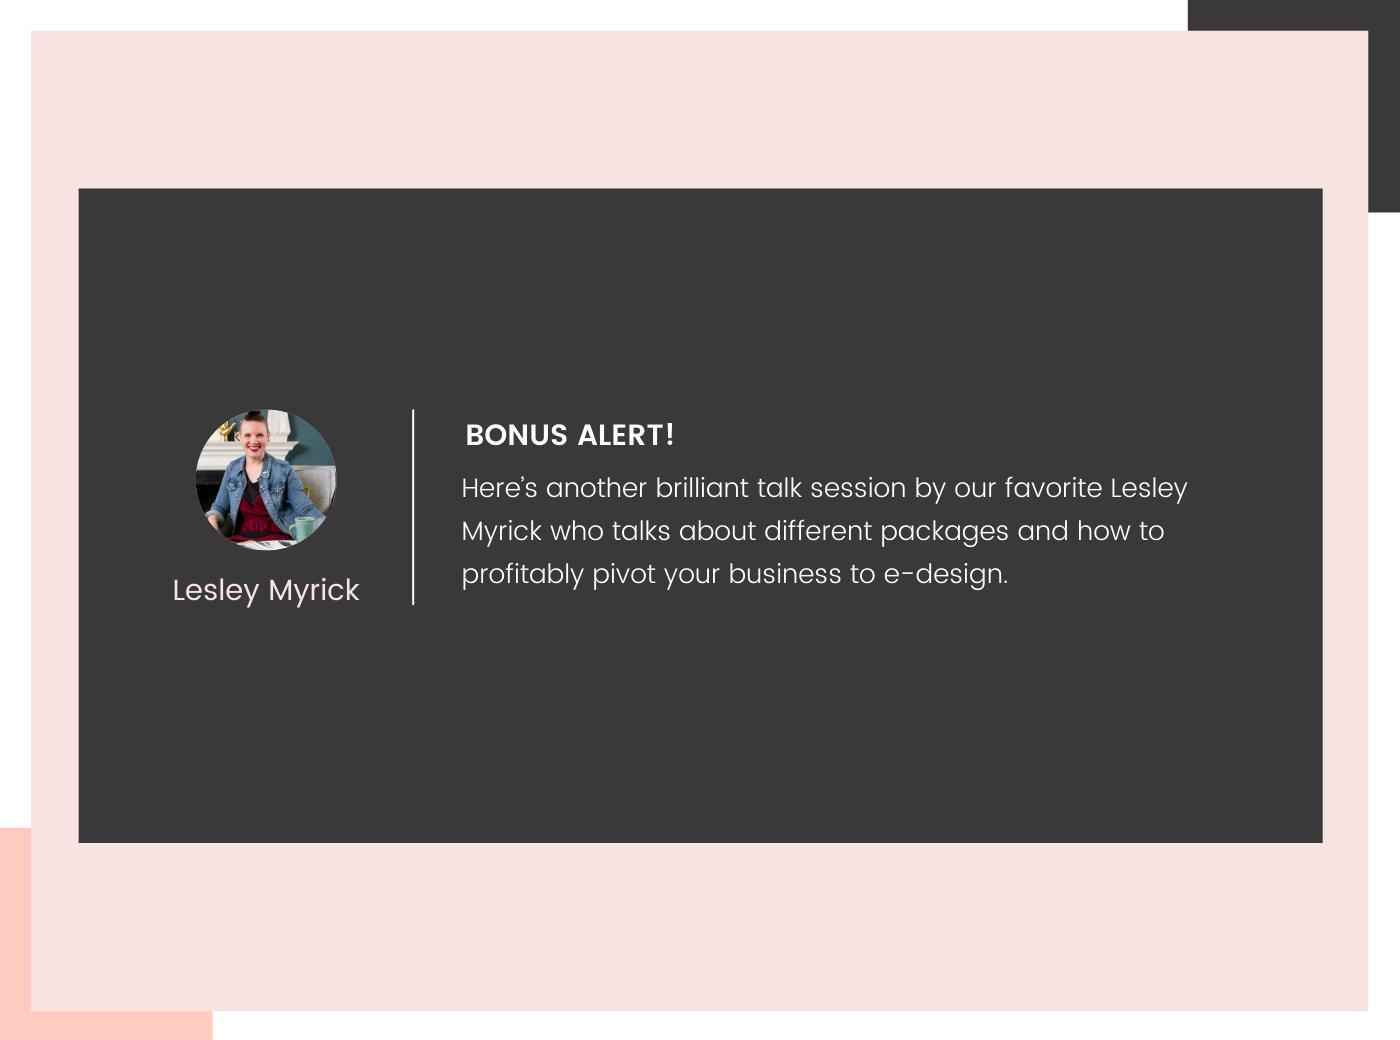 Lesley Myrick Bonus Alert on e-design package